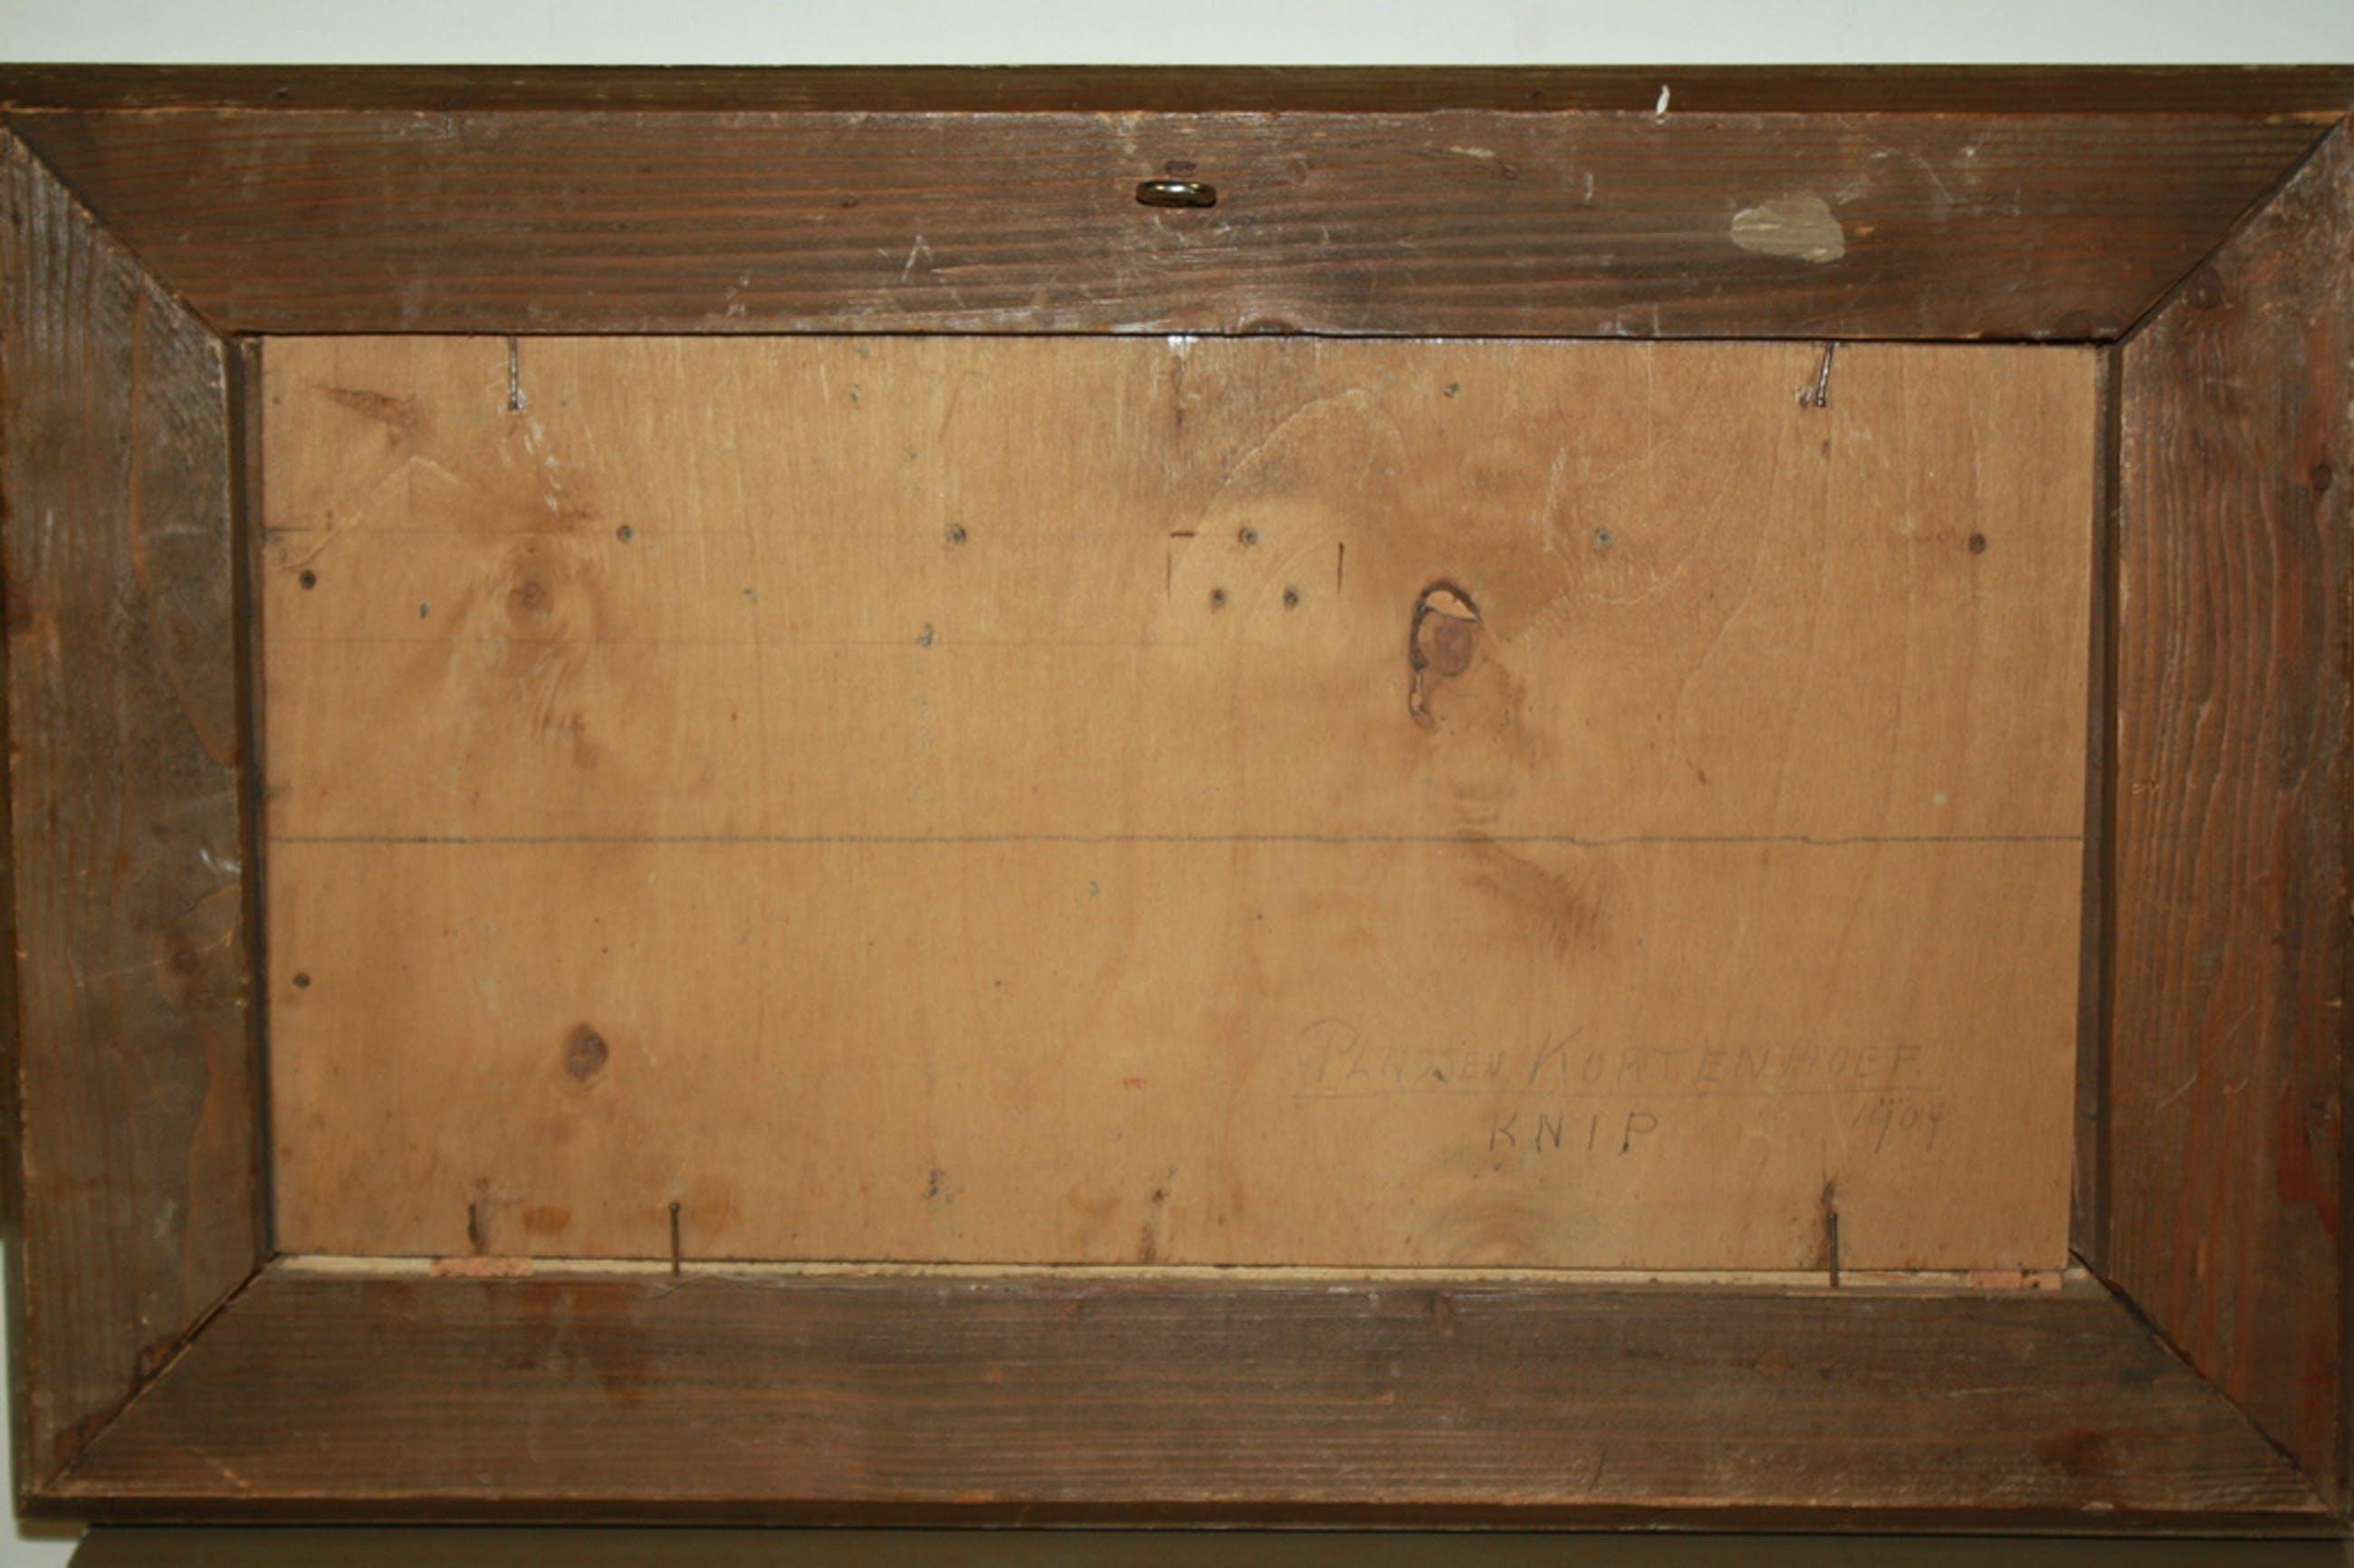 WILLEM A  KNIP1883- 1967 - BOOT IN POLDER BIJ KORTENHOEF  kopen? Bied vanaf 125!